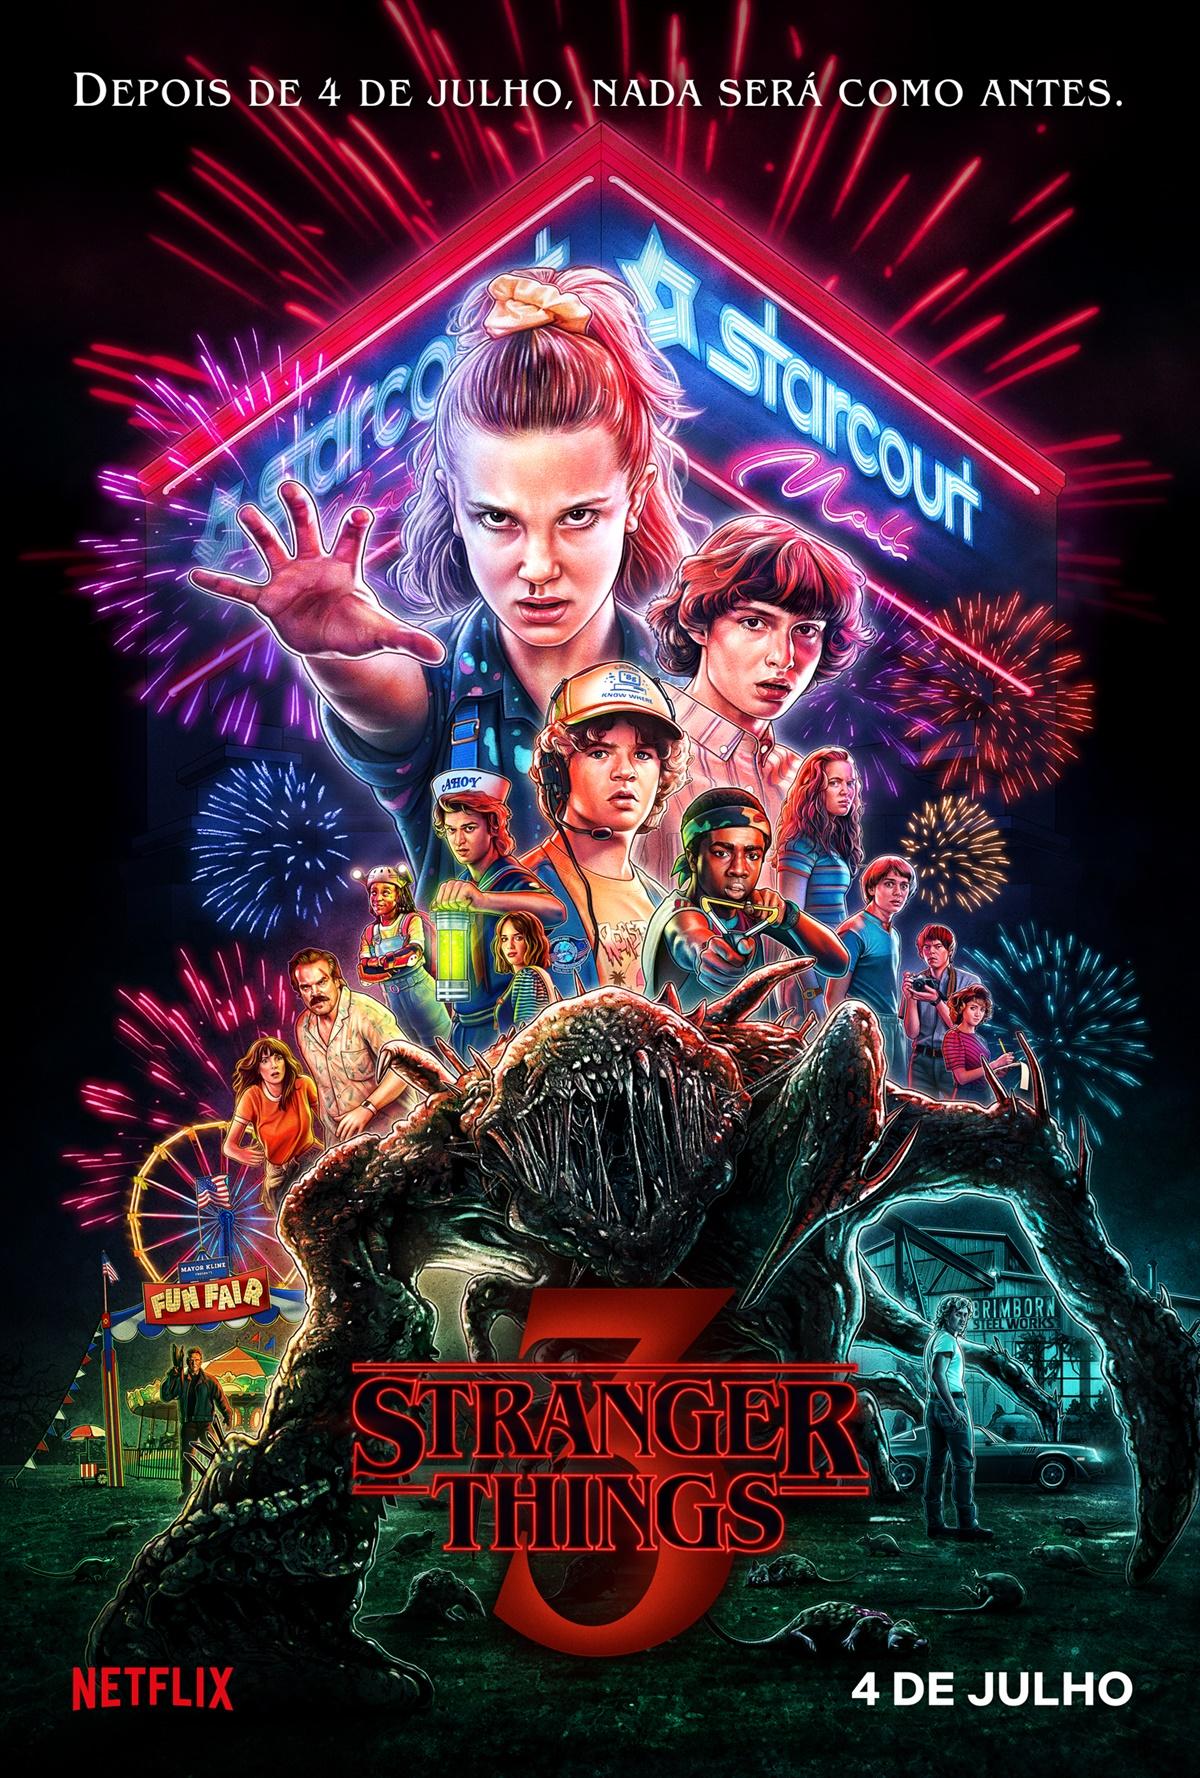 Stranger Things | Criadores da série estão sendo processados por plágio